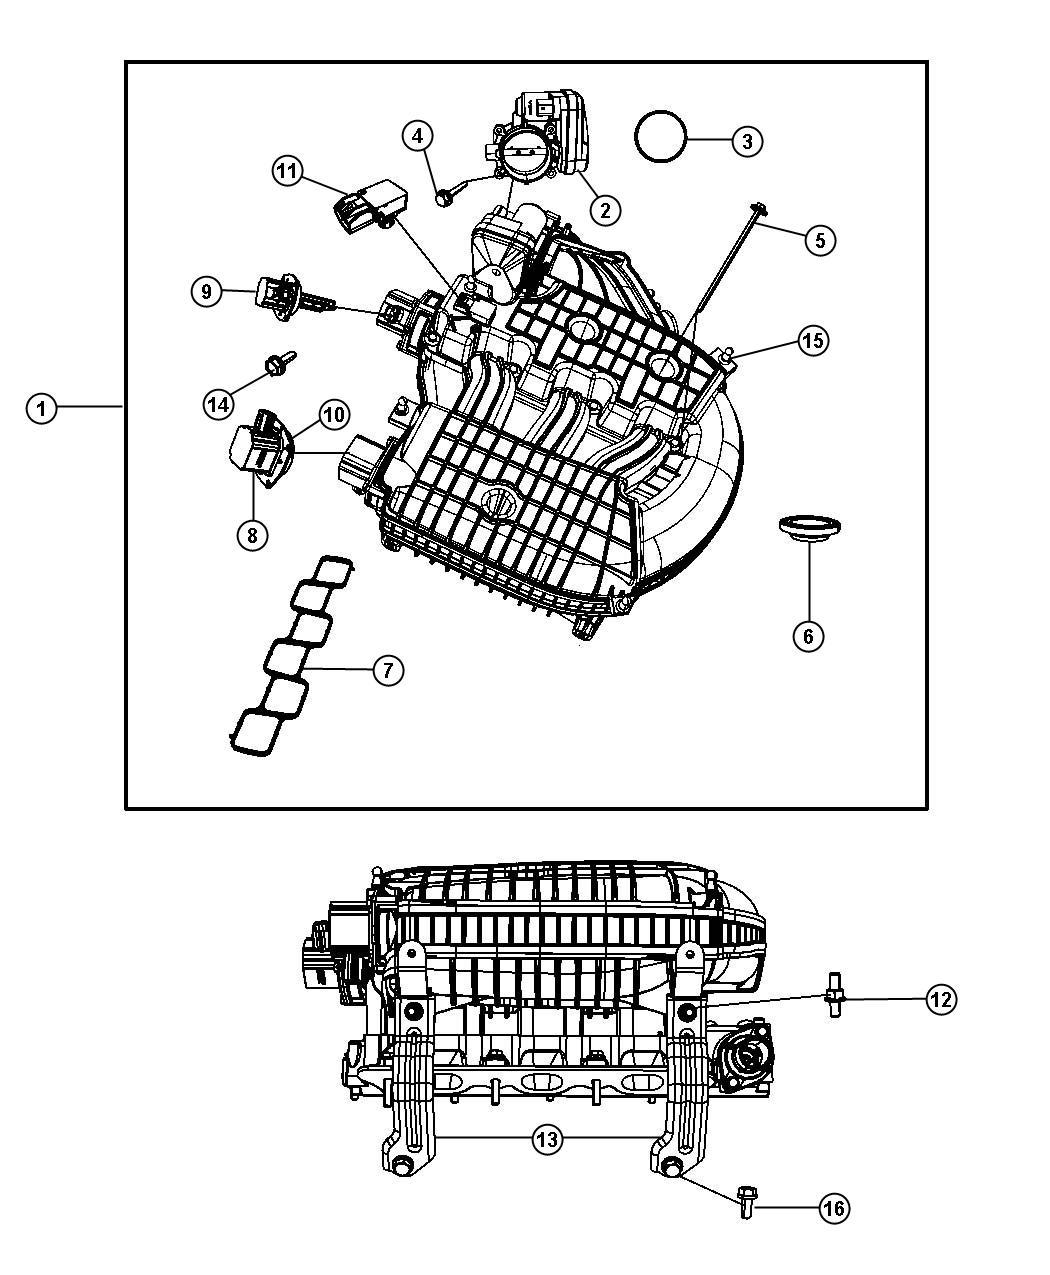 04593676ac Chrysler Actuator Intake Short Running Valve